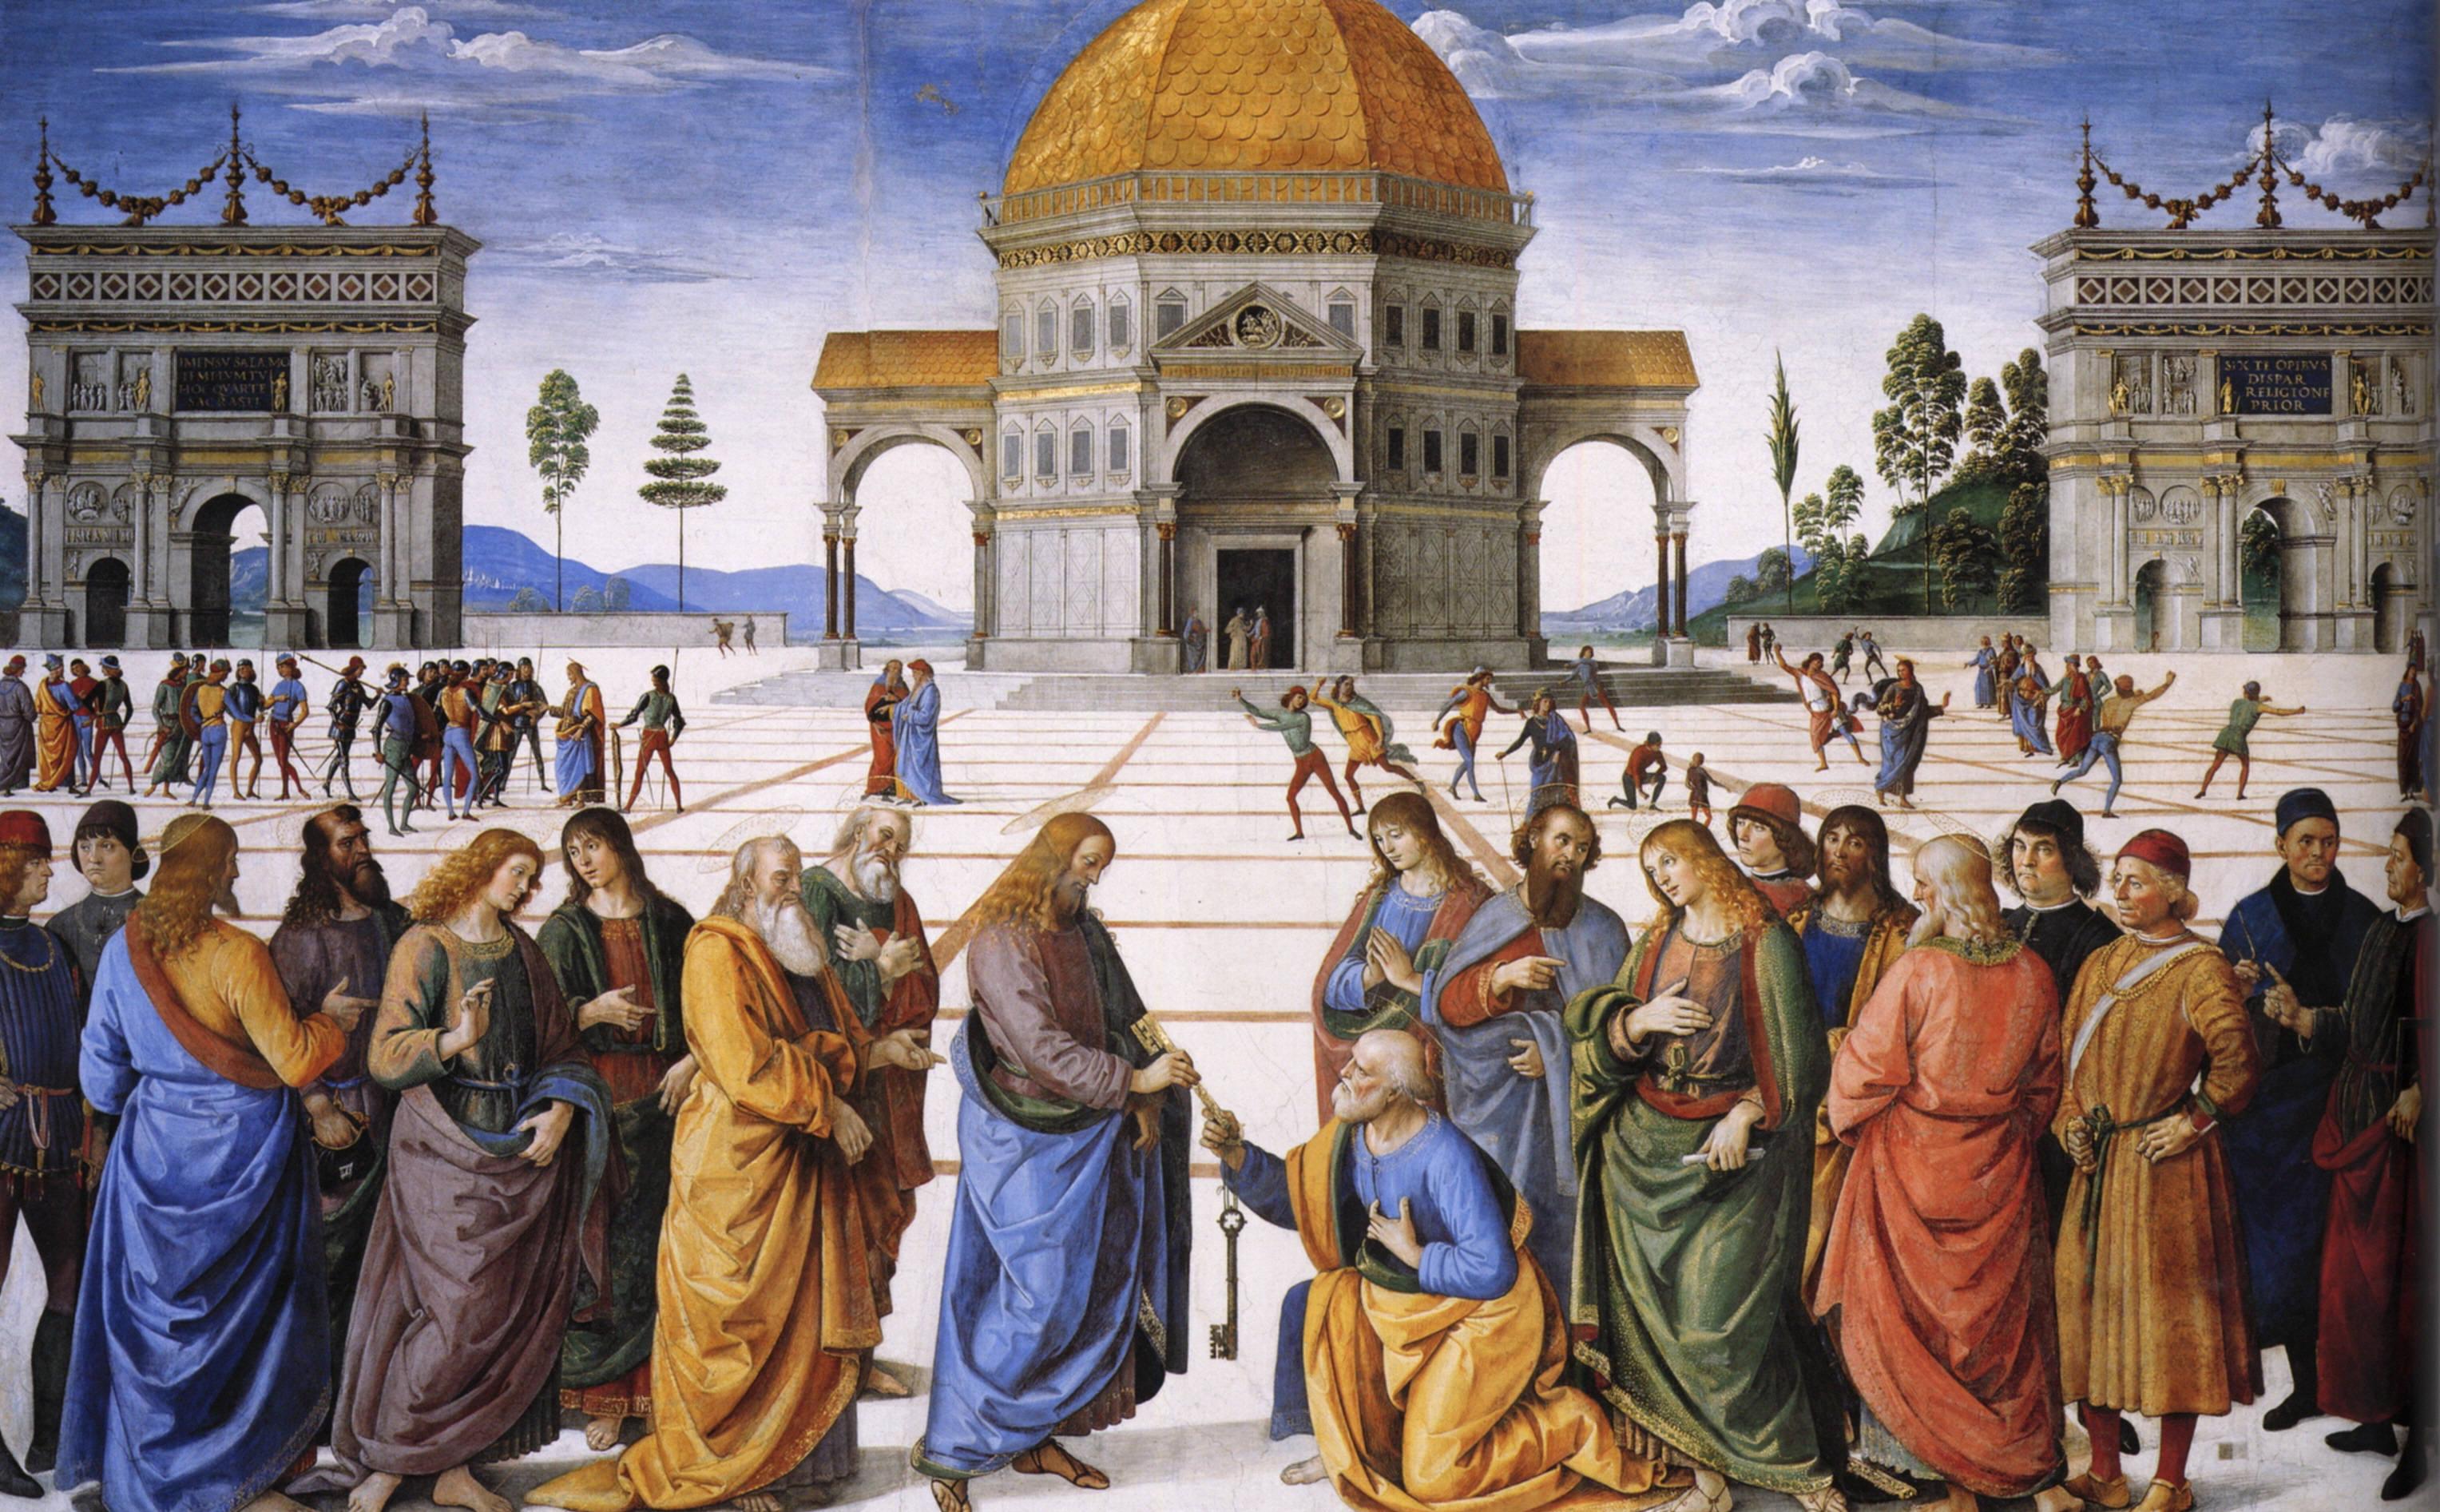 Corrupcion Iglesia Catolica de la Iglesia Católica